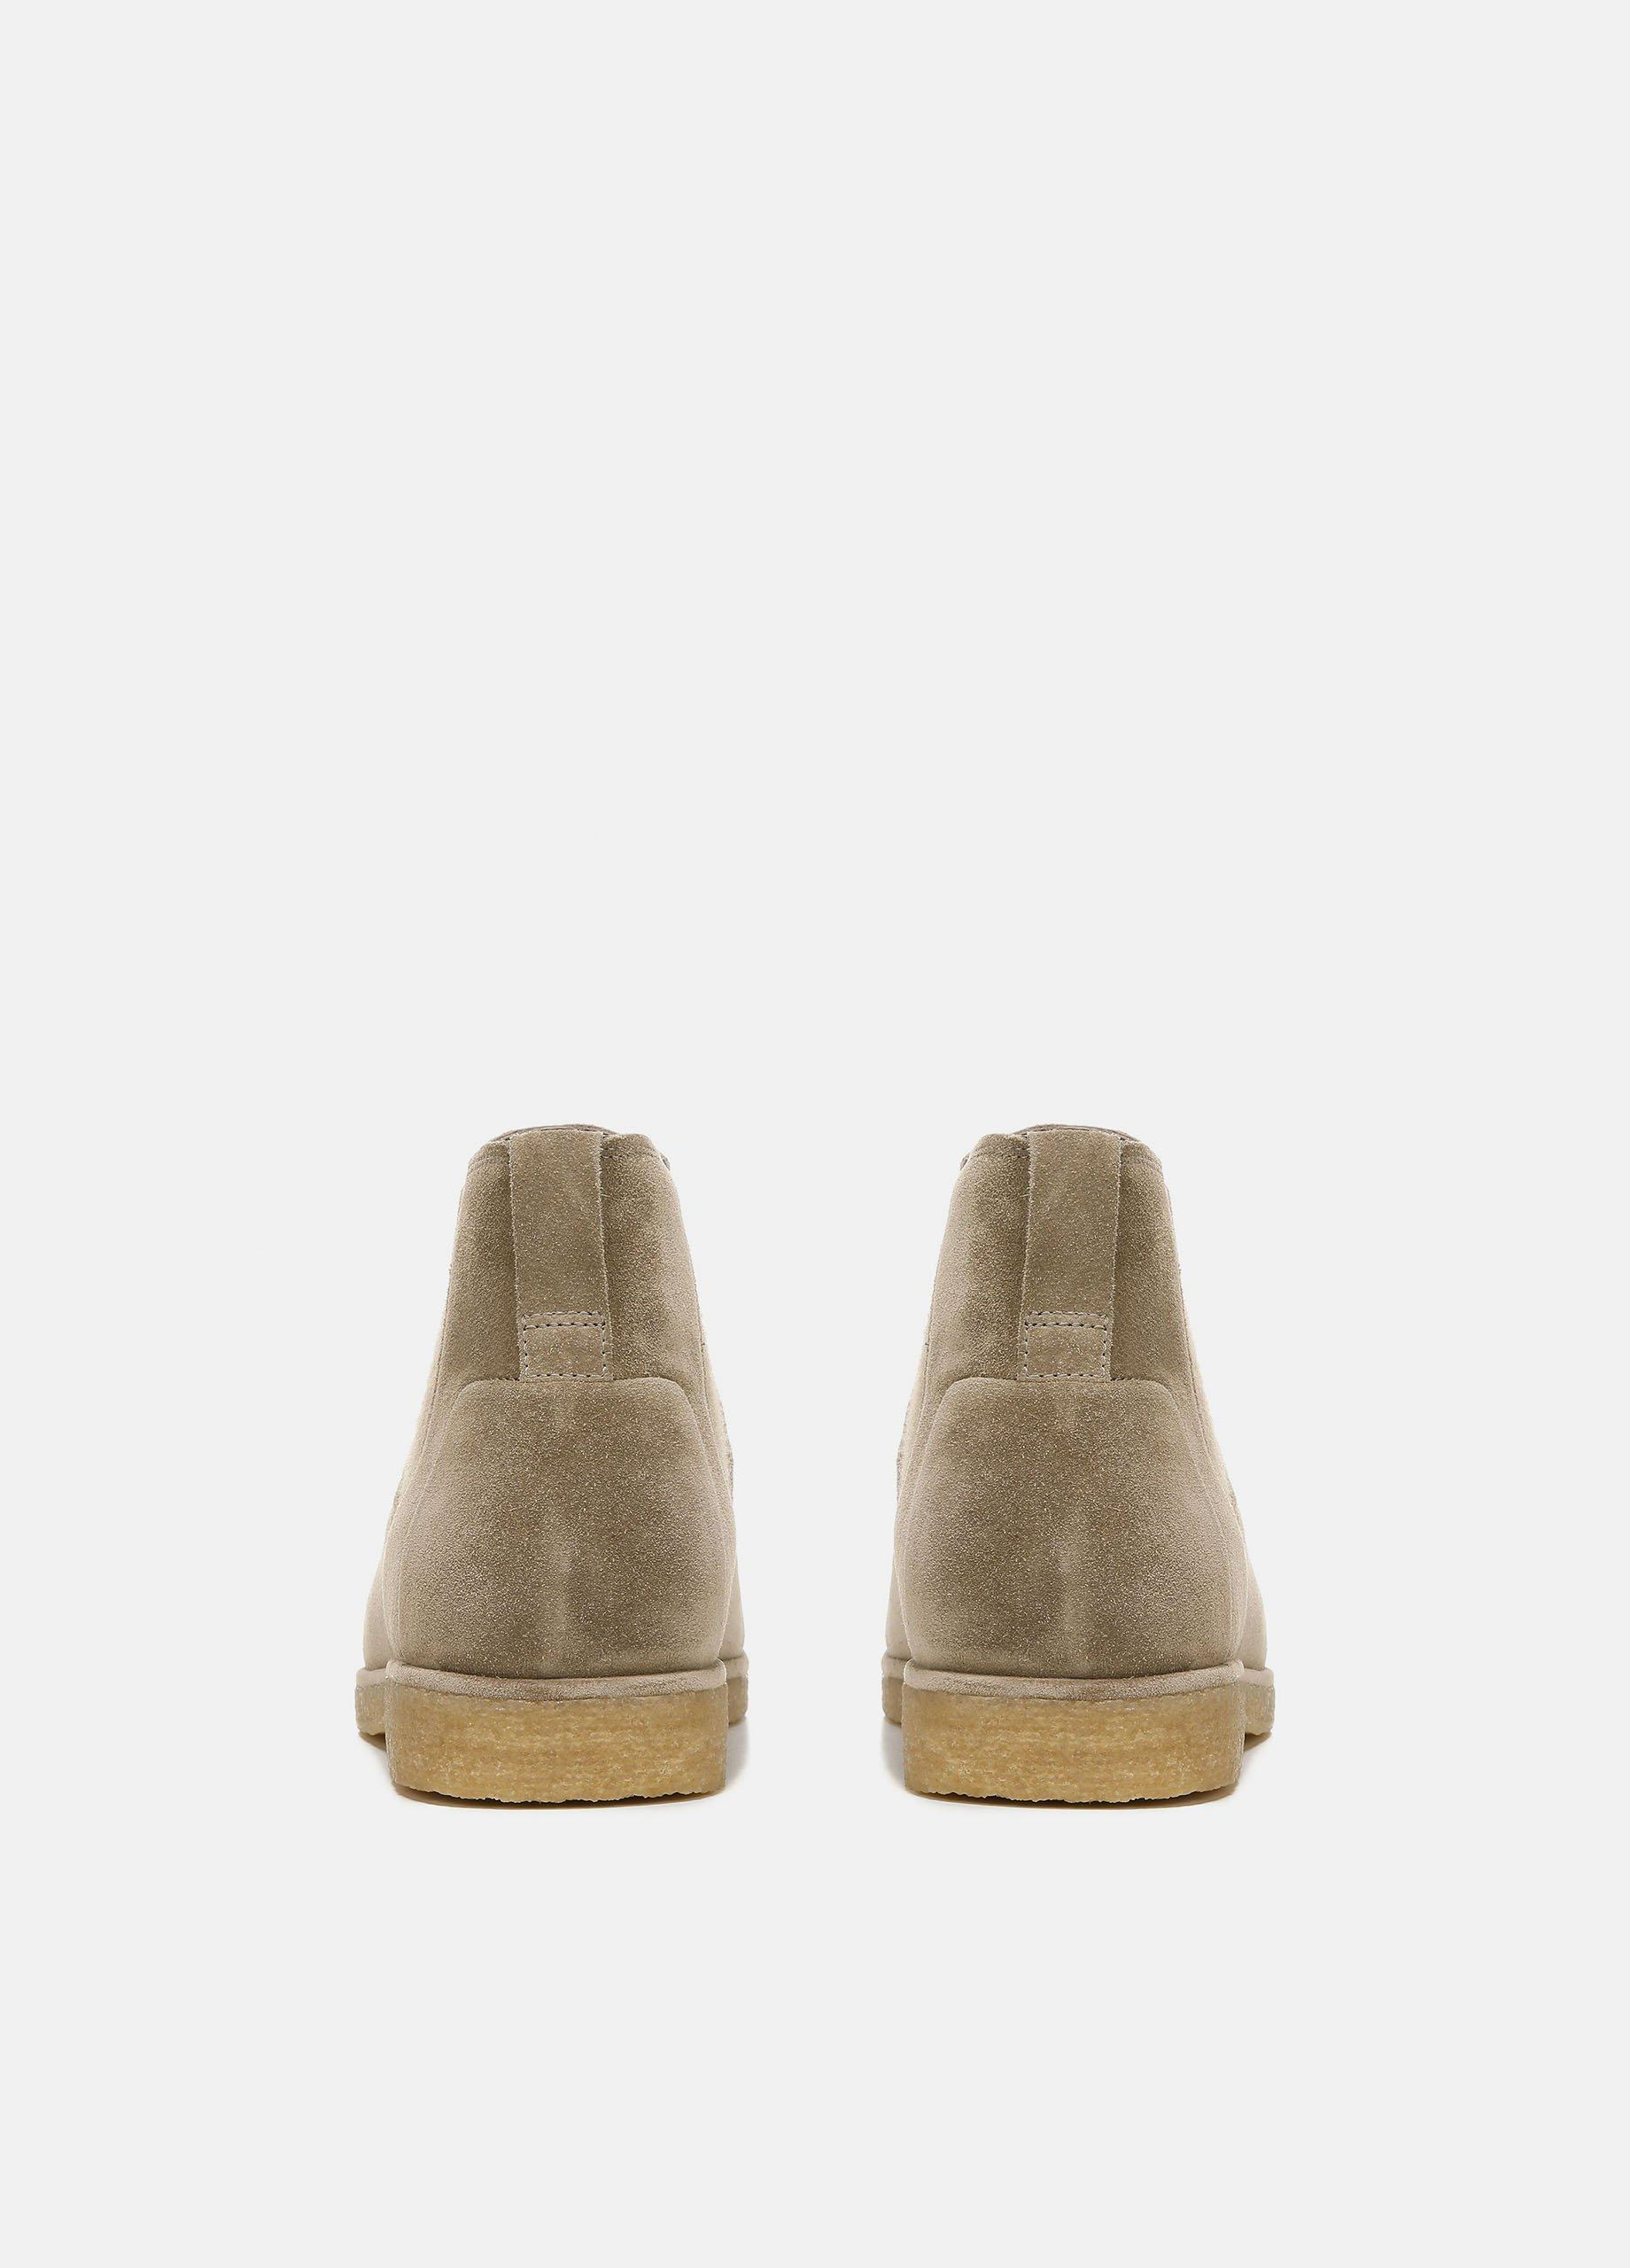 Bonham Suede Boot